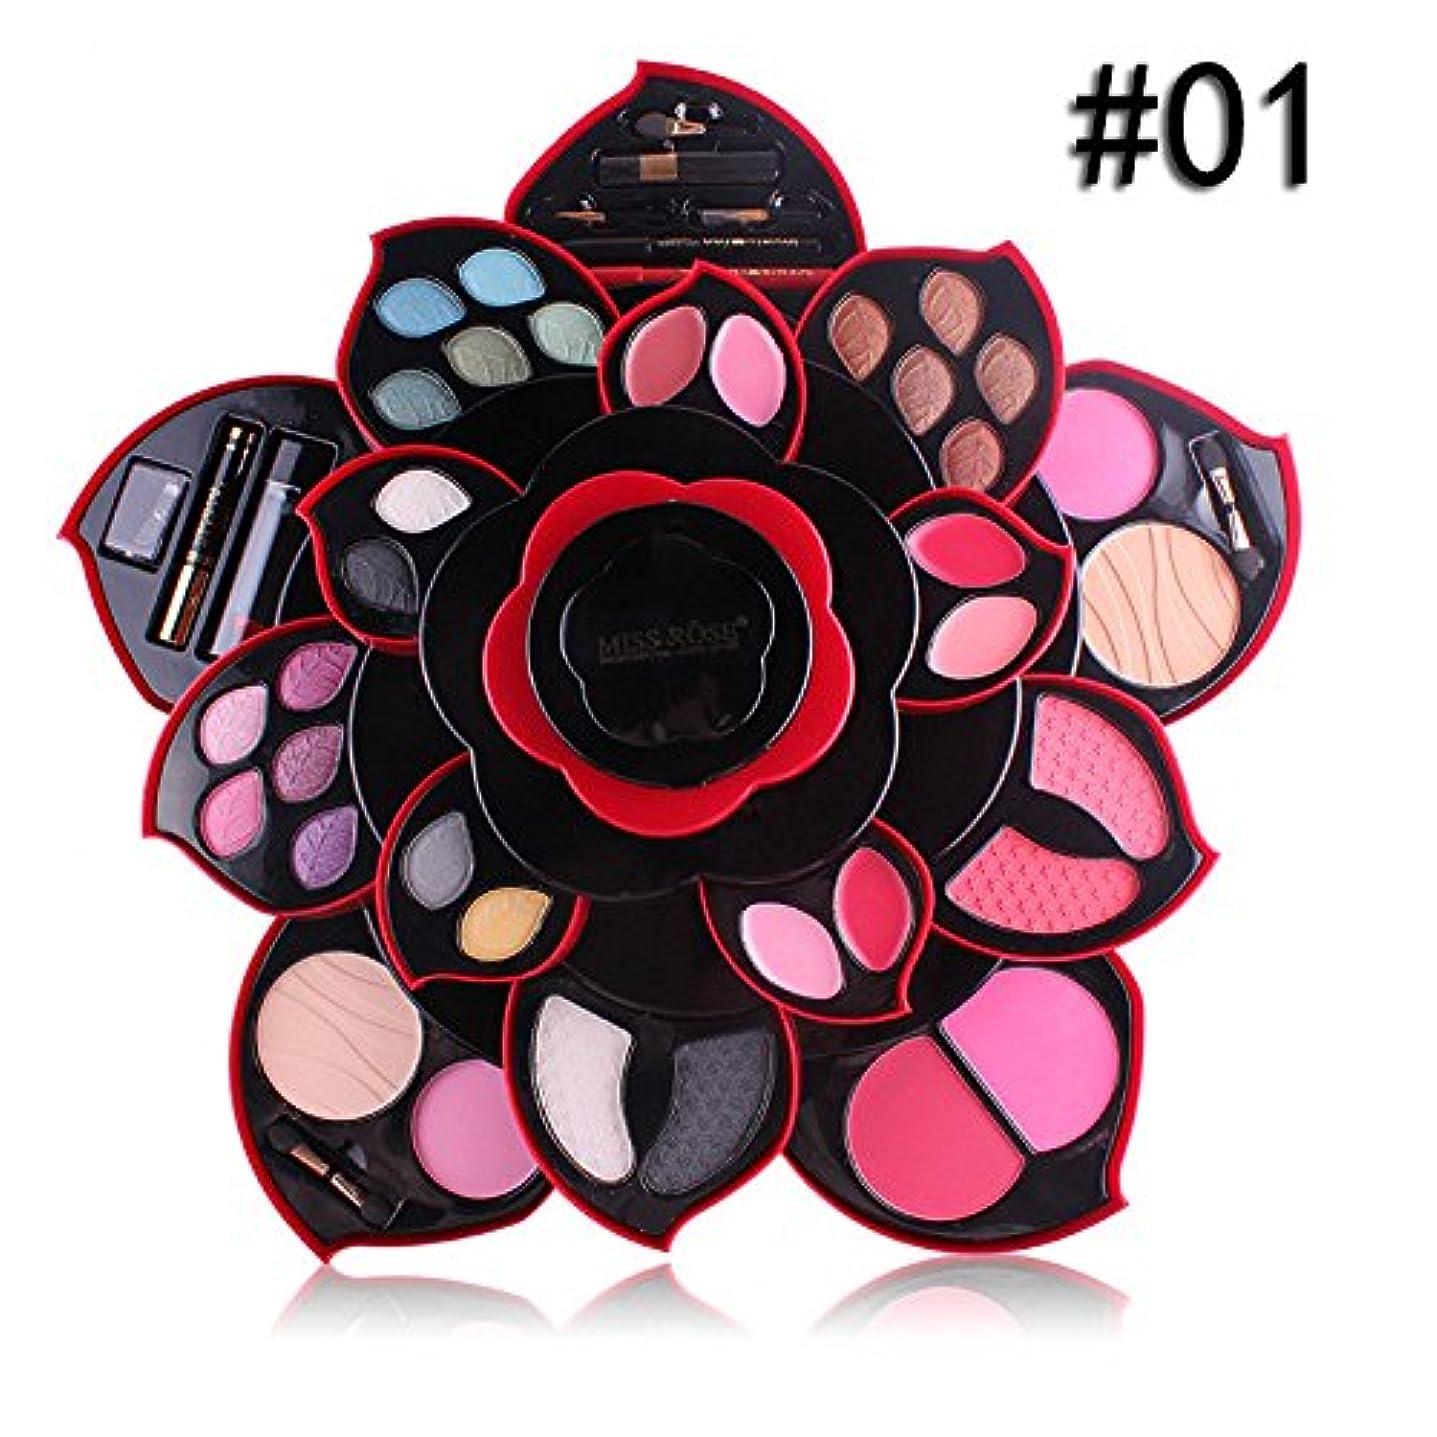 日焼け部族純粋なビューティー アイシャドー wwkeiying アイシャドウセット ファッション 23色 梅の花デザイン メイクボックス 回転多機能化粧品 プロ化粧師 メイクの達人 プレゼント (A) (A)